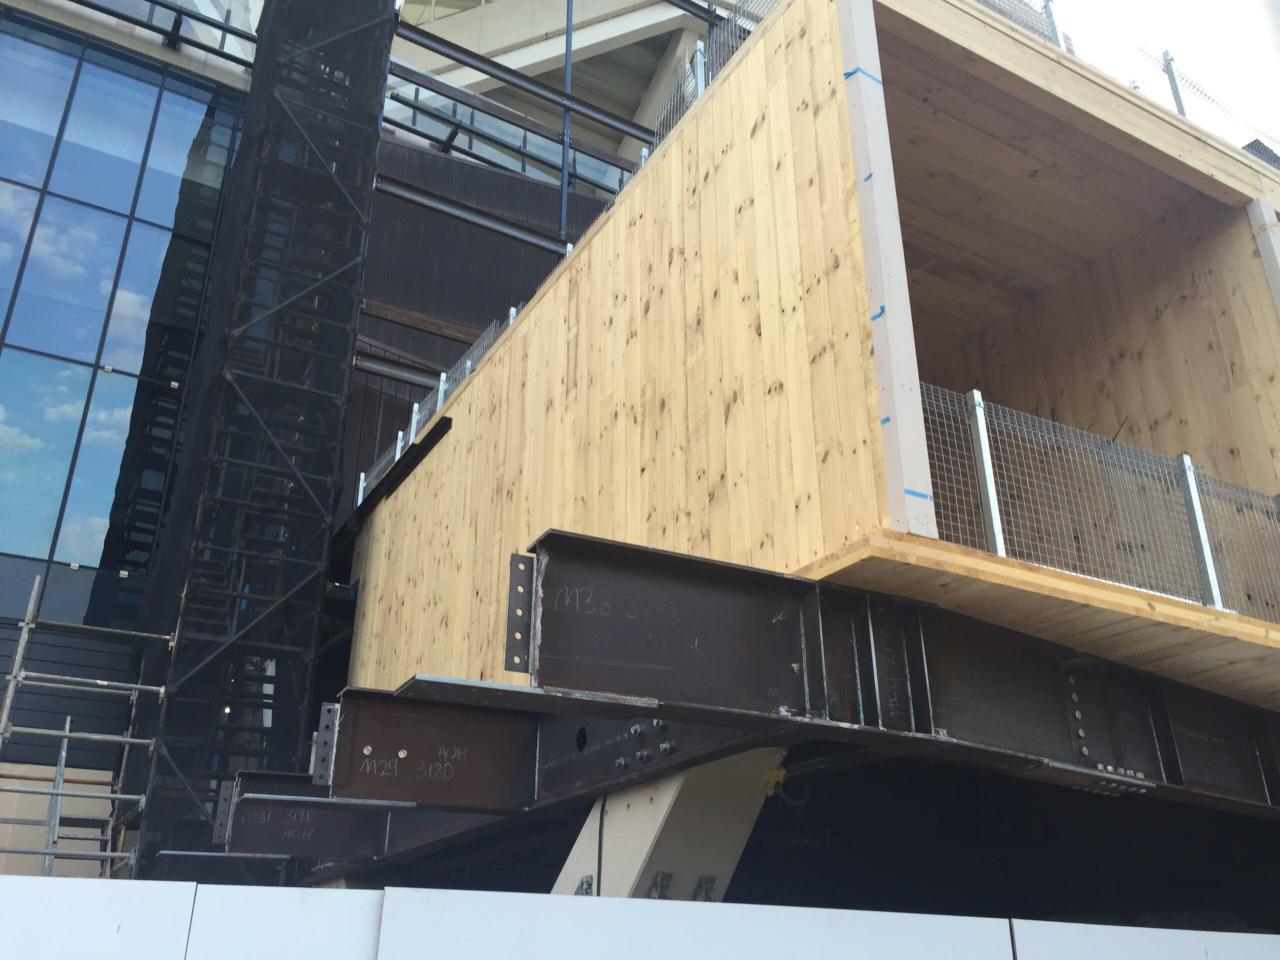 CLT structure under construction